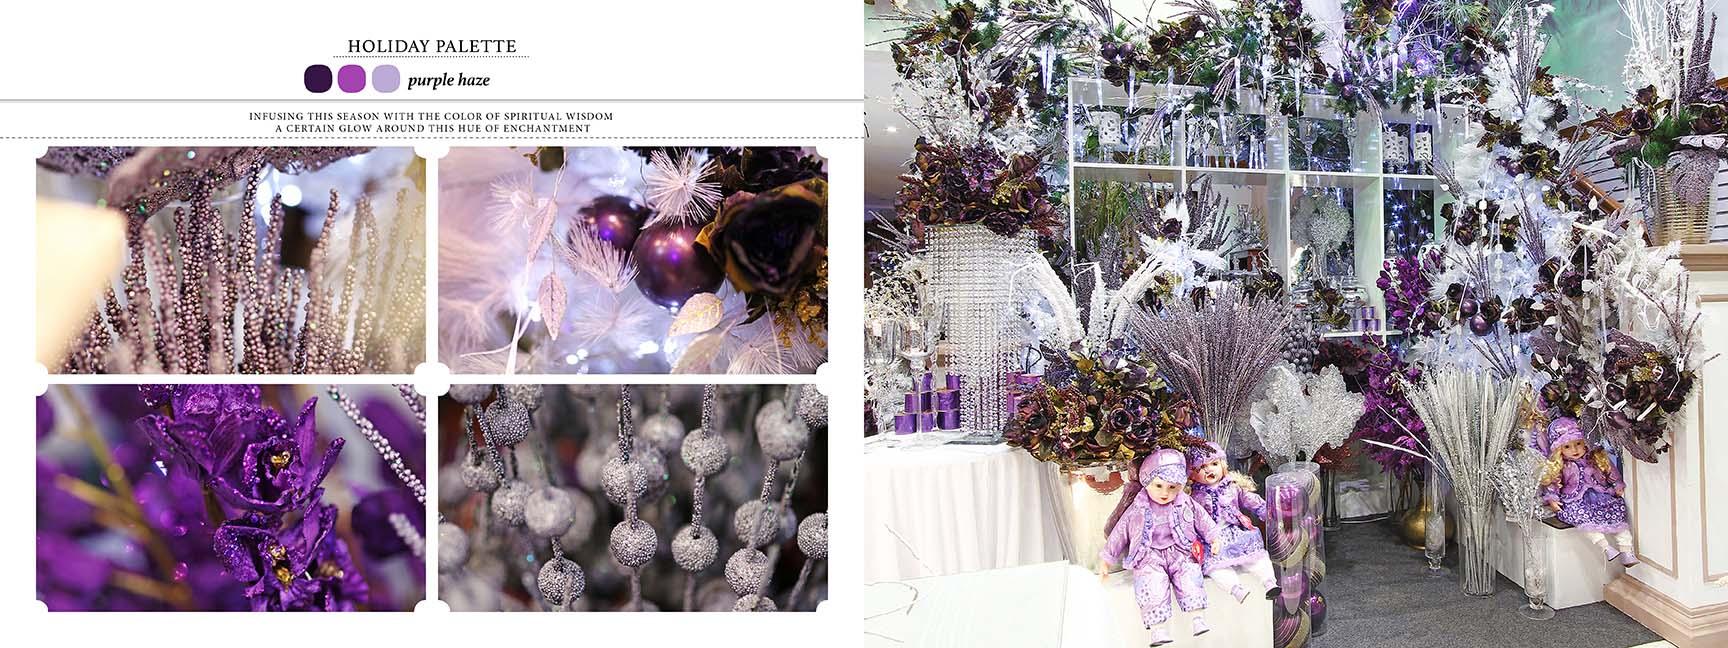 Christmas Wedding Colors.Christmas Wedding Themes Wedding Article Kasal Com The